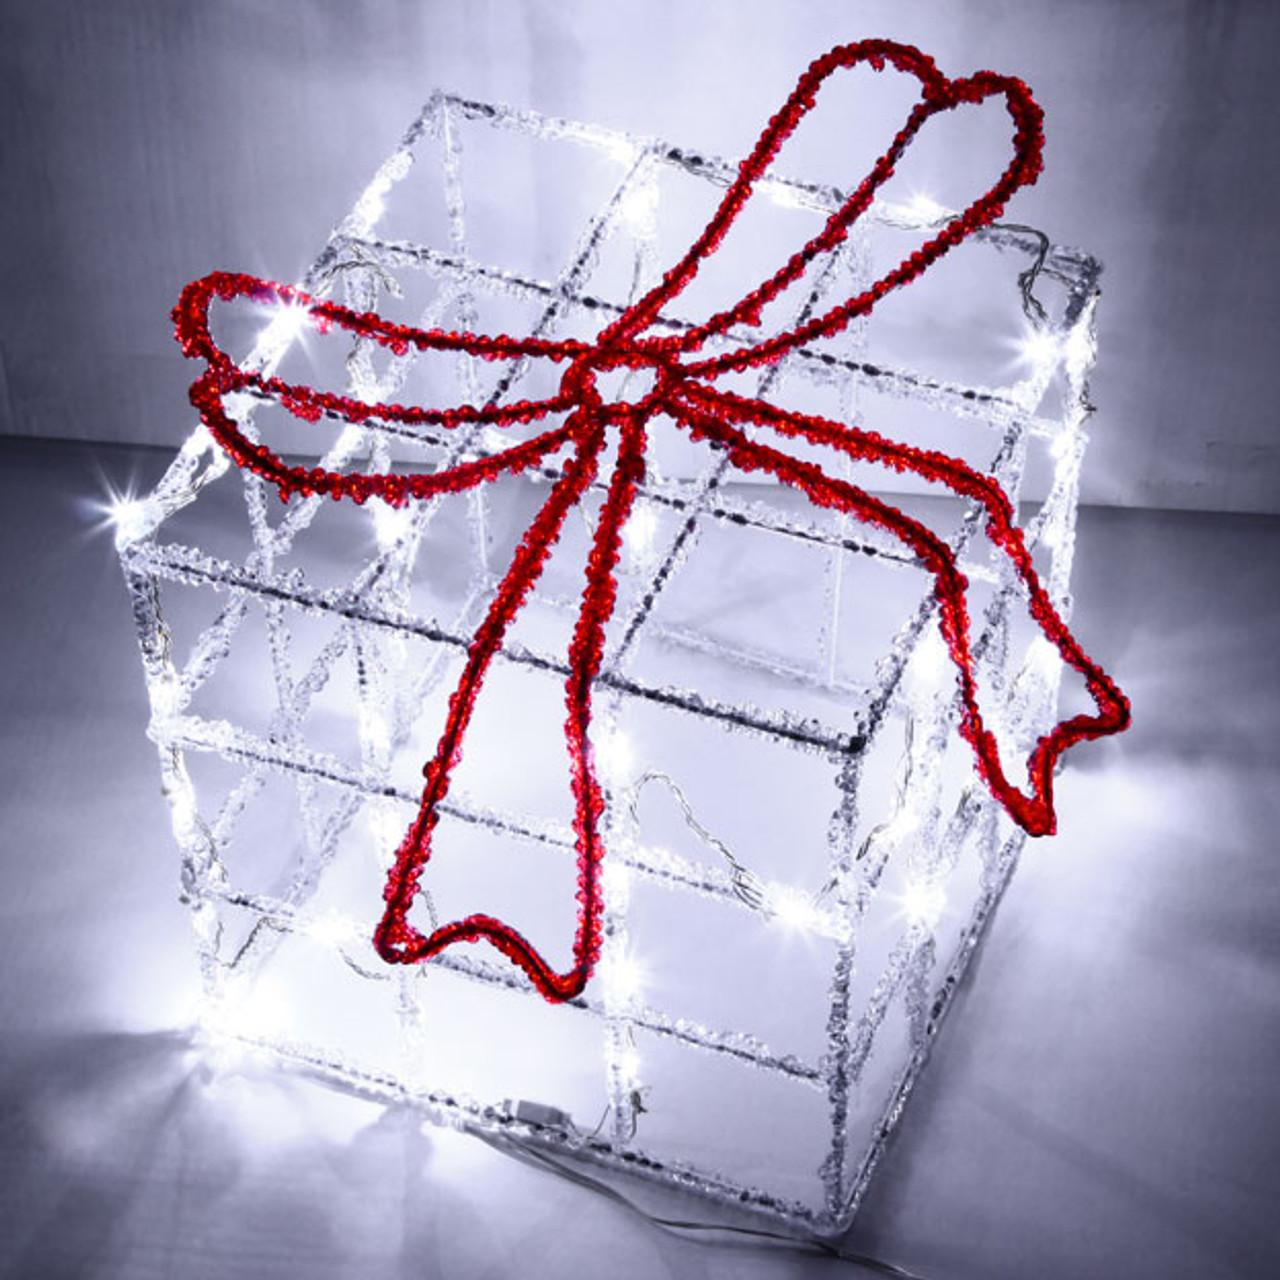 Vickysun Com 41cm 3d Acrylic Christmas Gift Box And Red